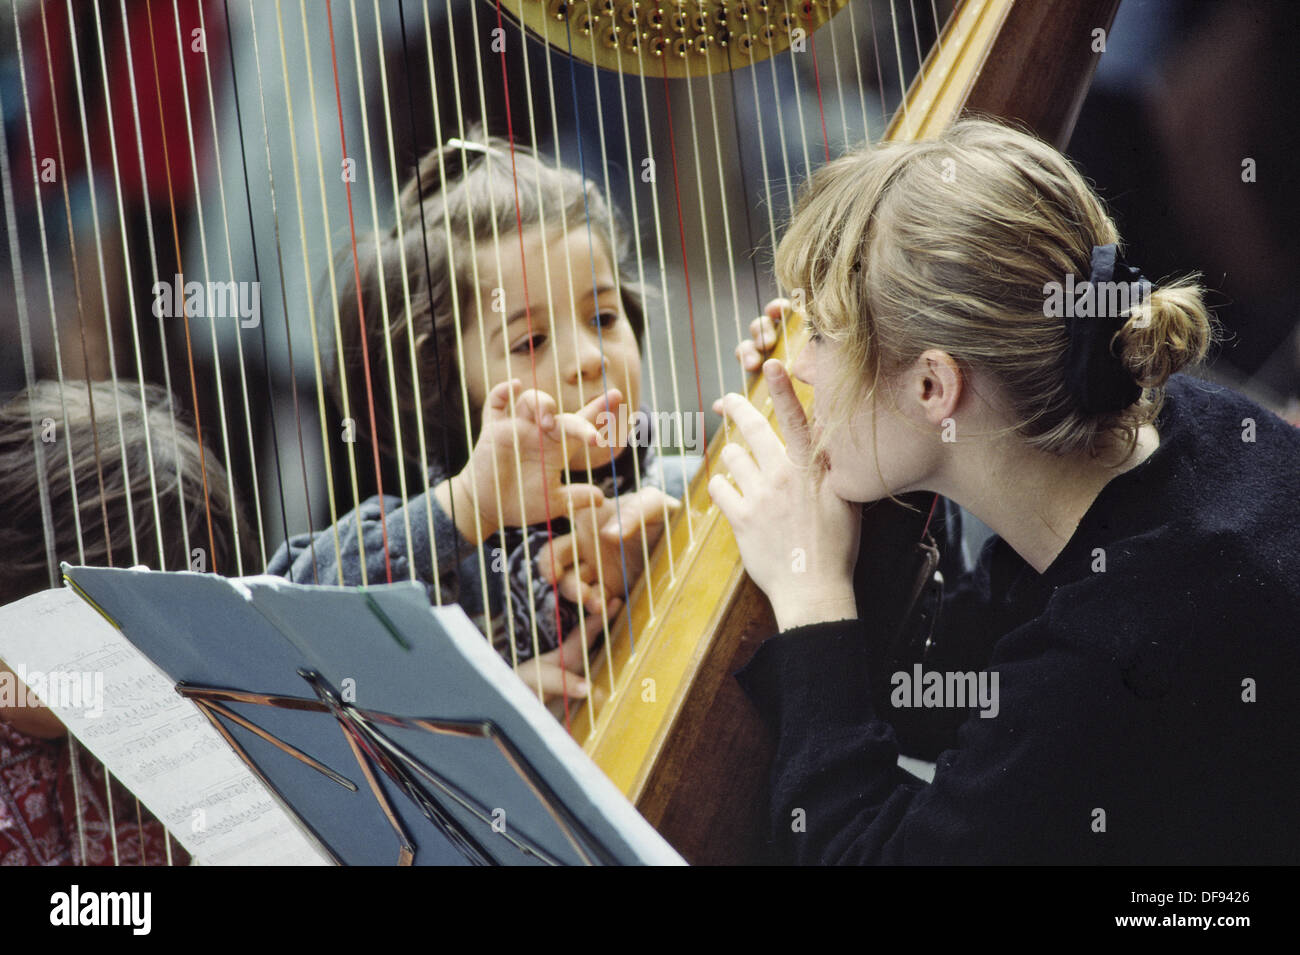 St. Germain-des-Prés, Fête de la Musique, music festival, Paris. France - Stock Image